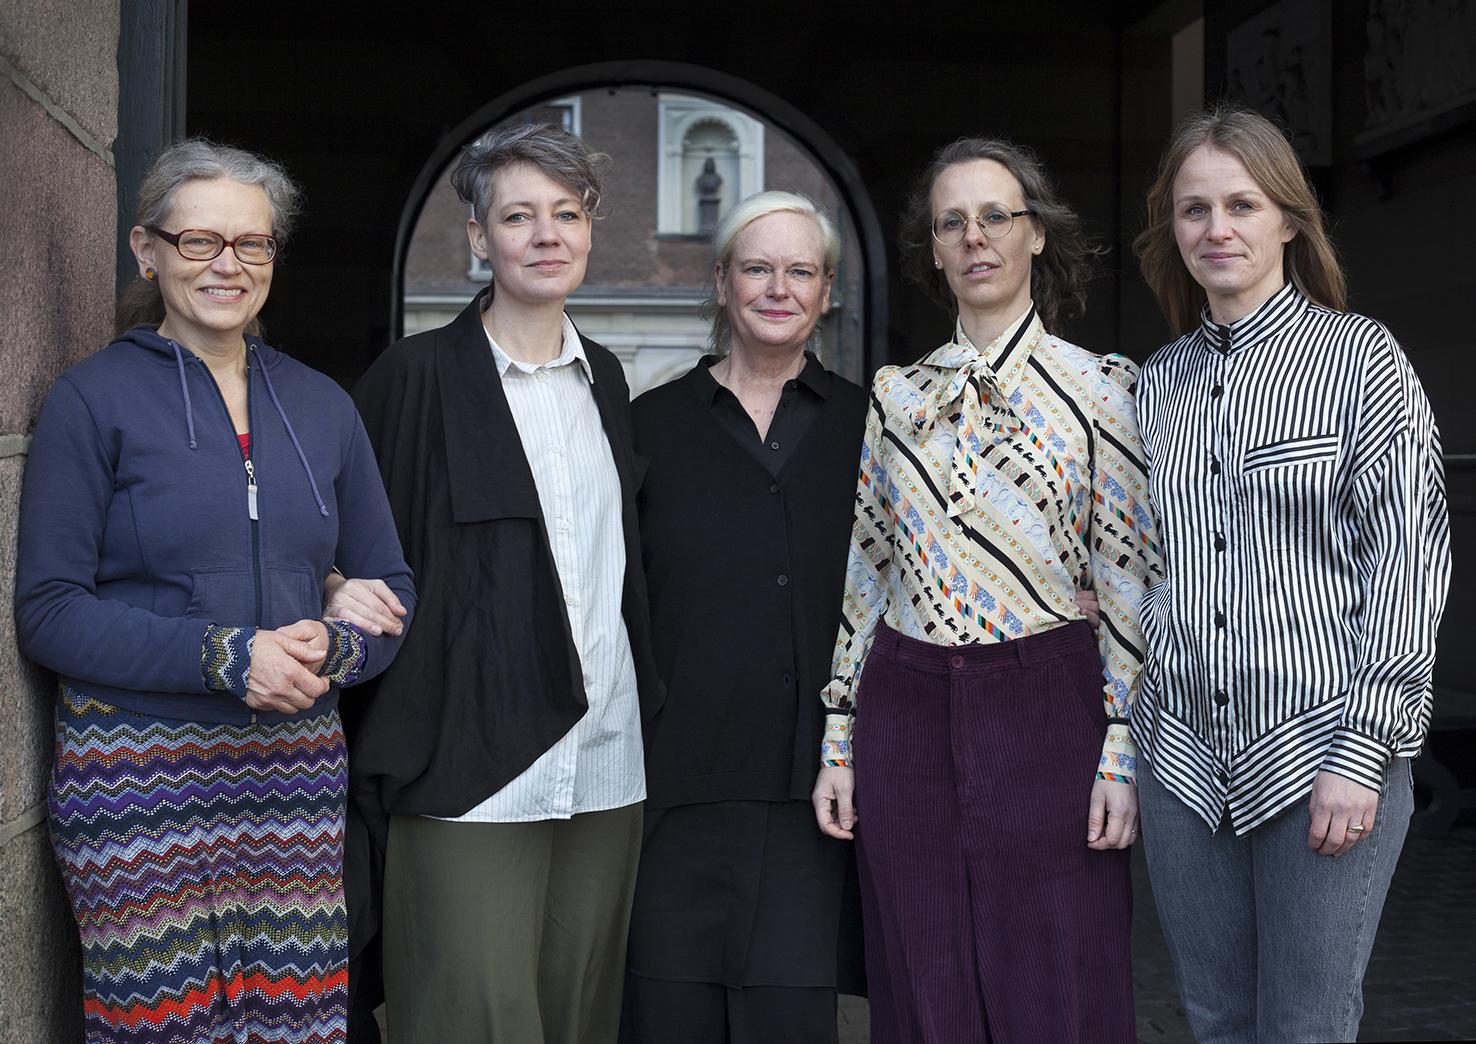 Fra venstre ses: Aase Eg Jørgensen, Anne Haaning, Ingela Skytte, og kunstnerduoen billedkunstnerne Sofie Hesselholdt og Vibeke Mejlvang. Foto: Steen Møller Rasmussen.